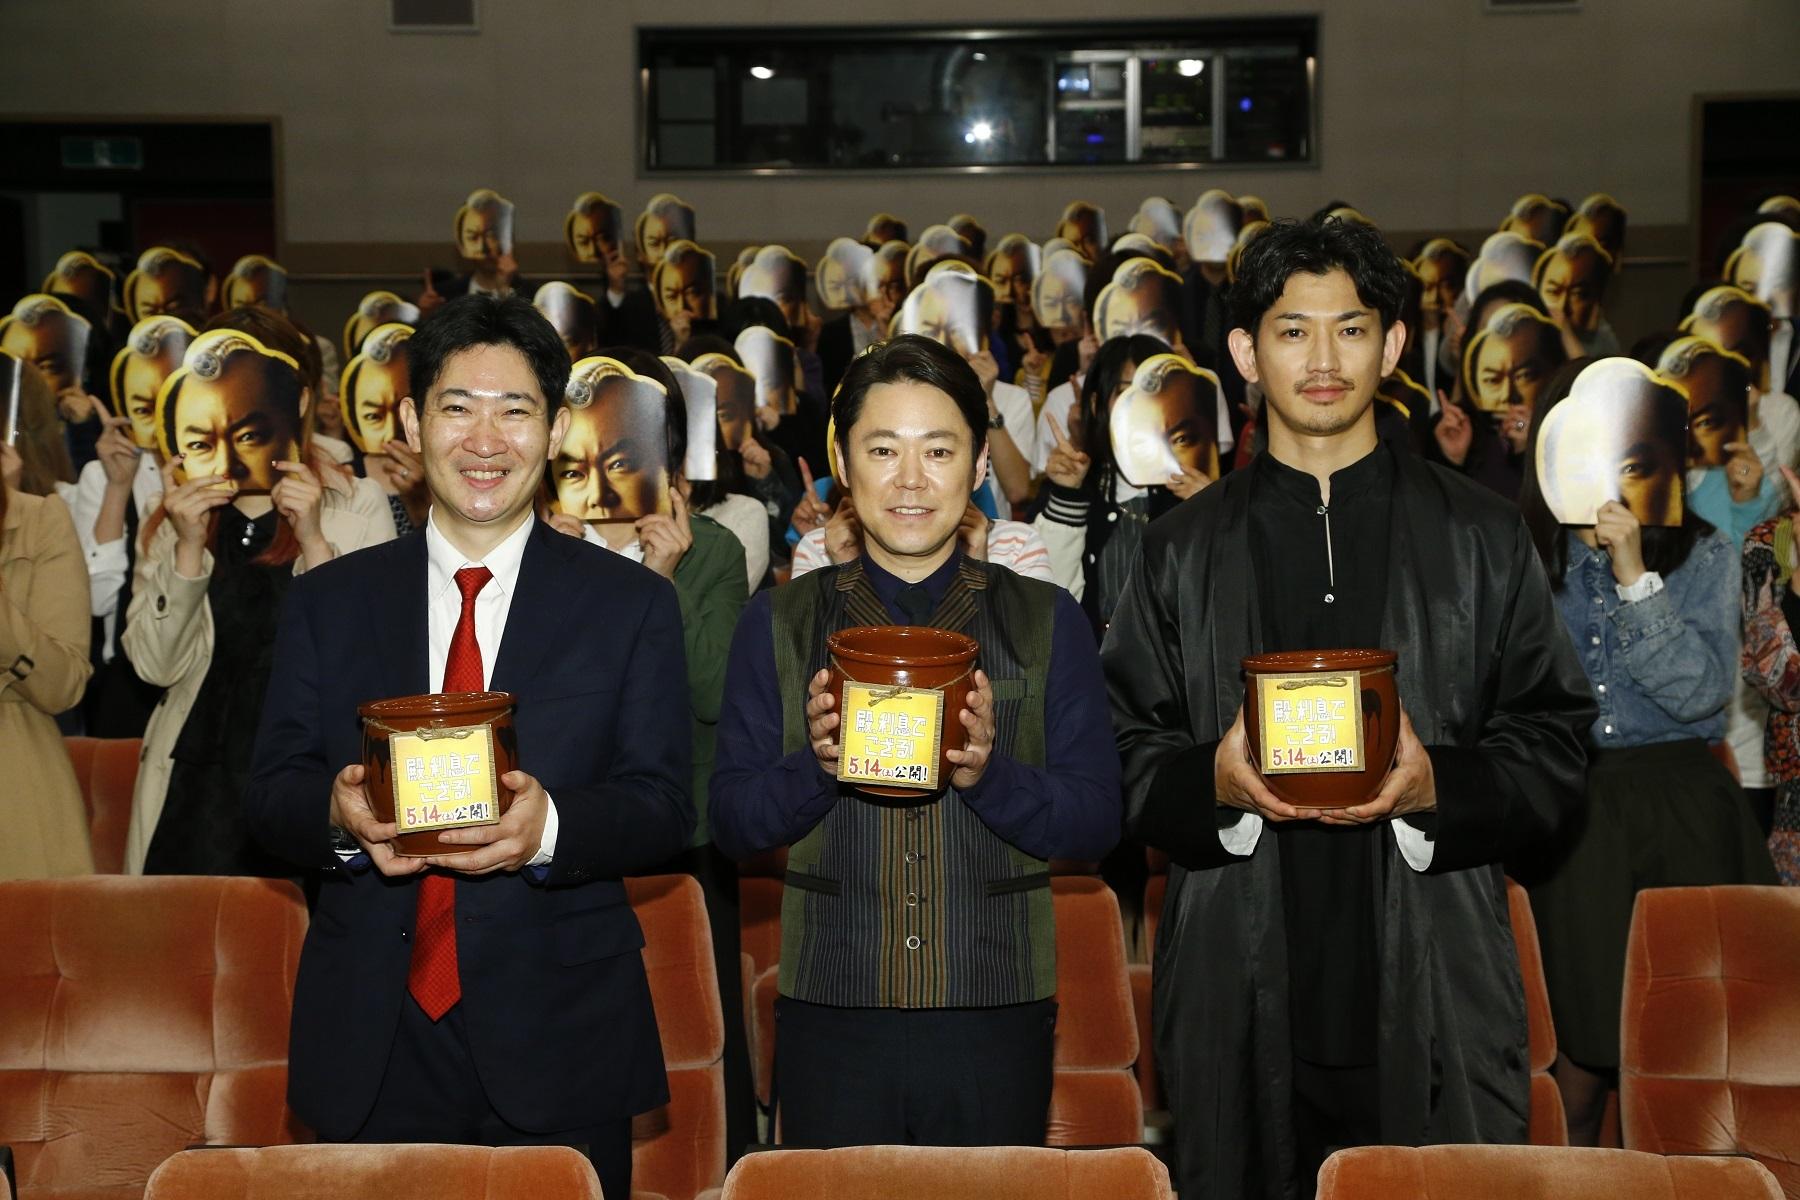 左から原作者・磯田道史氏、阿部サダヲ、瑛太 (C)2016「殿、利息でござる!」製作委員会